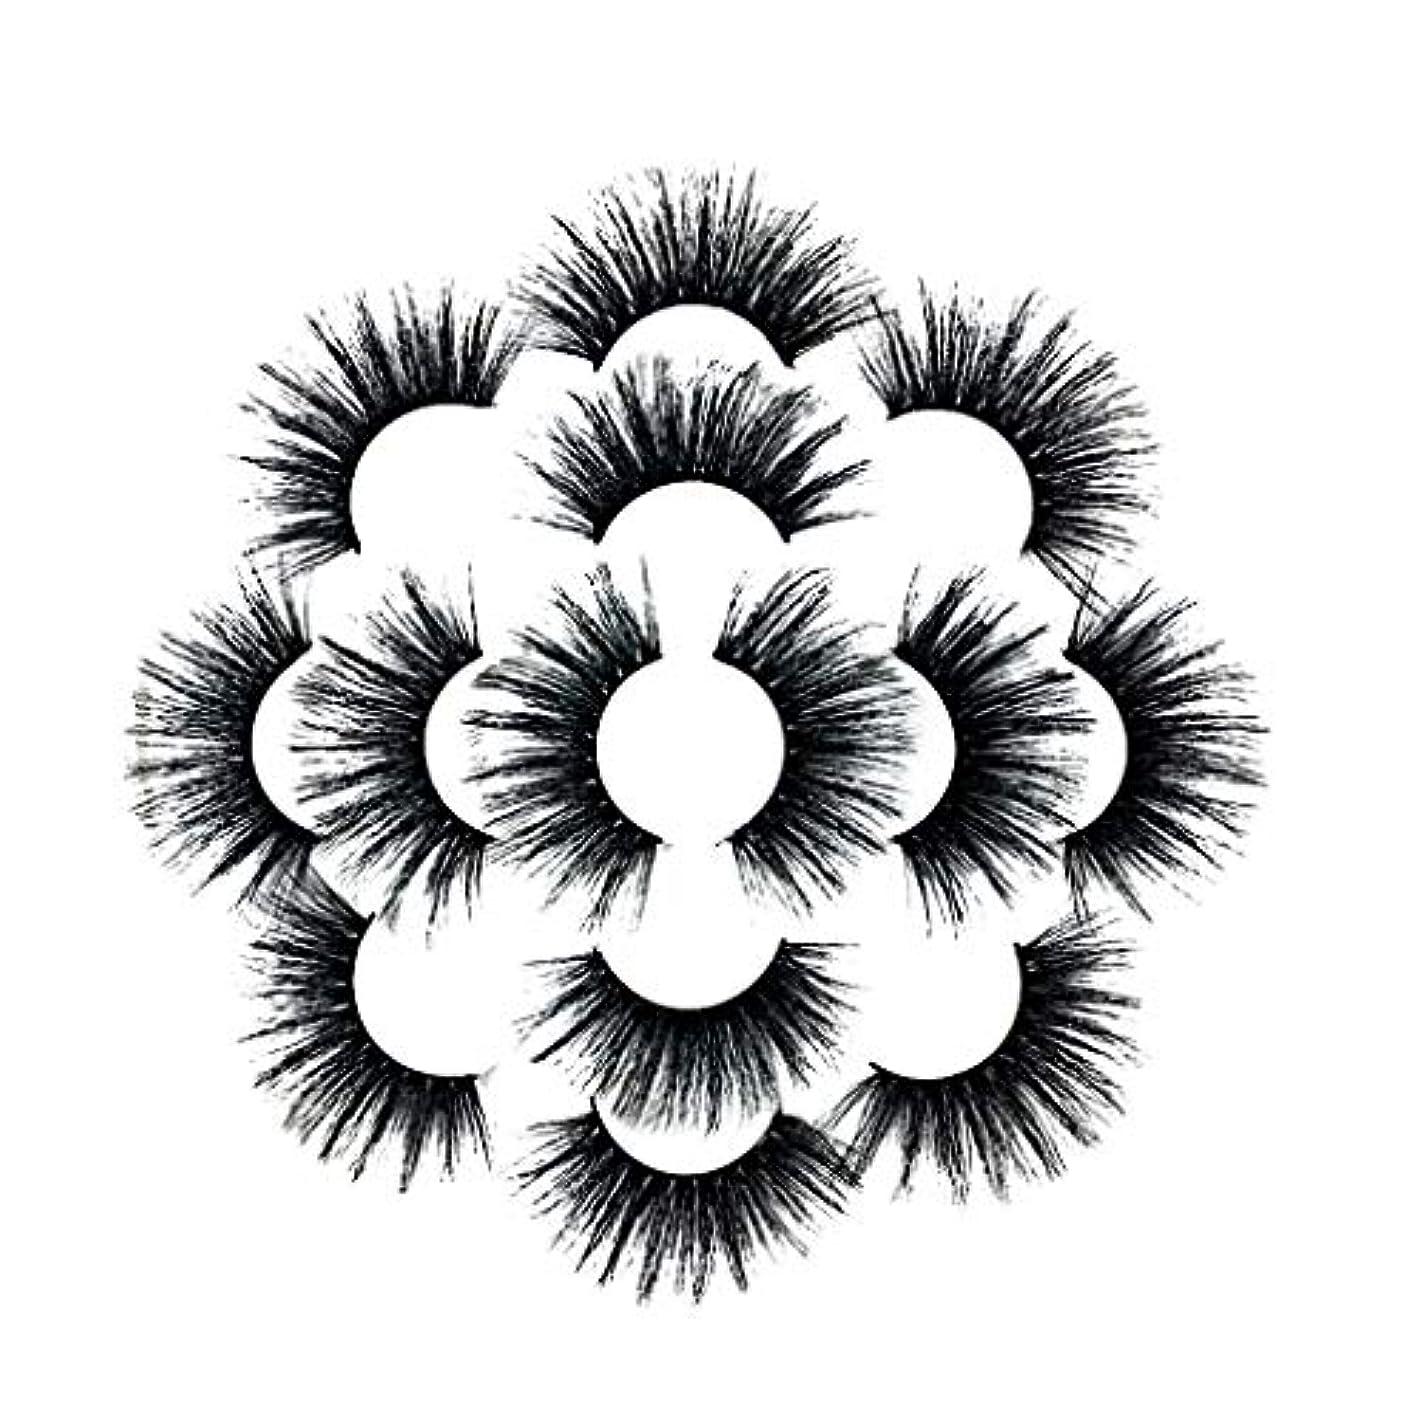 ボウル尊敬するタクト7ペアラグジュアリー8D Falseまつげふわふわストリップまつげロングナチュラルパーティー